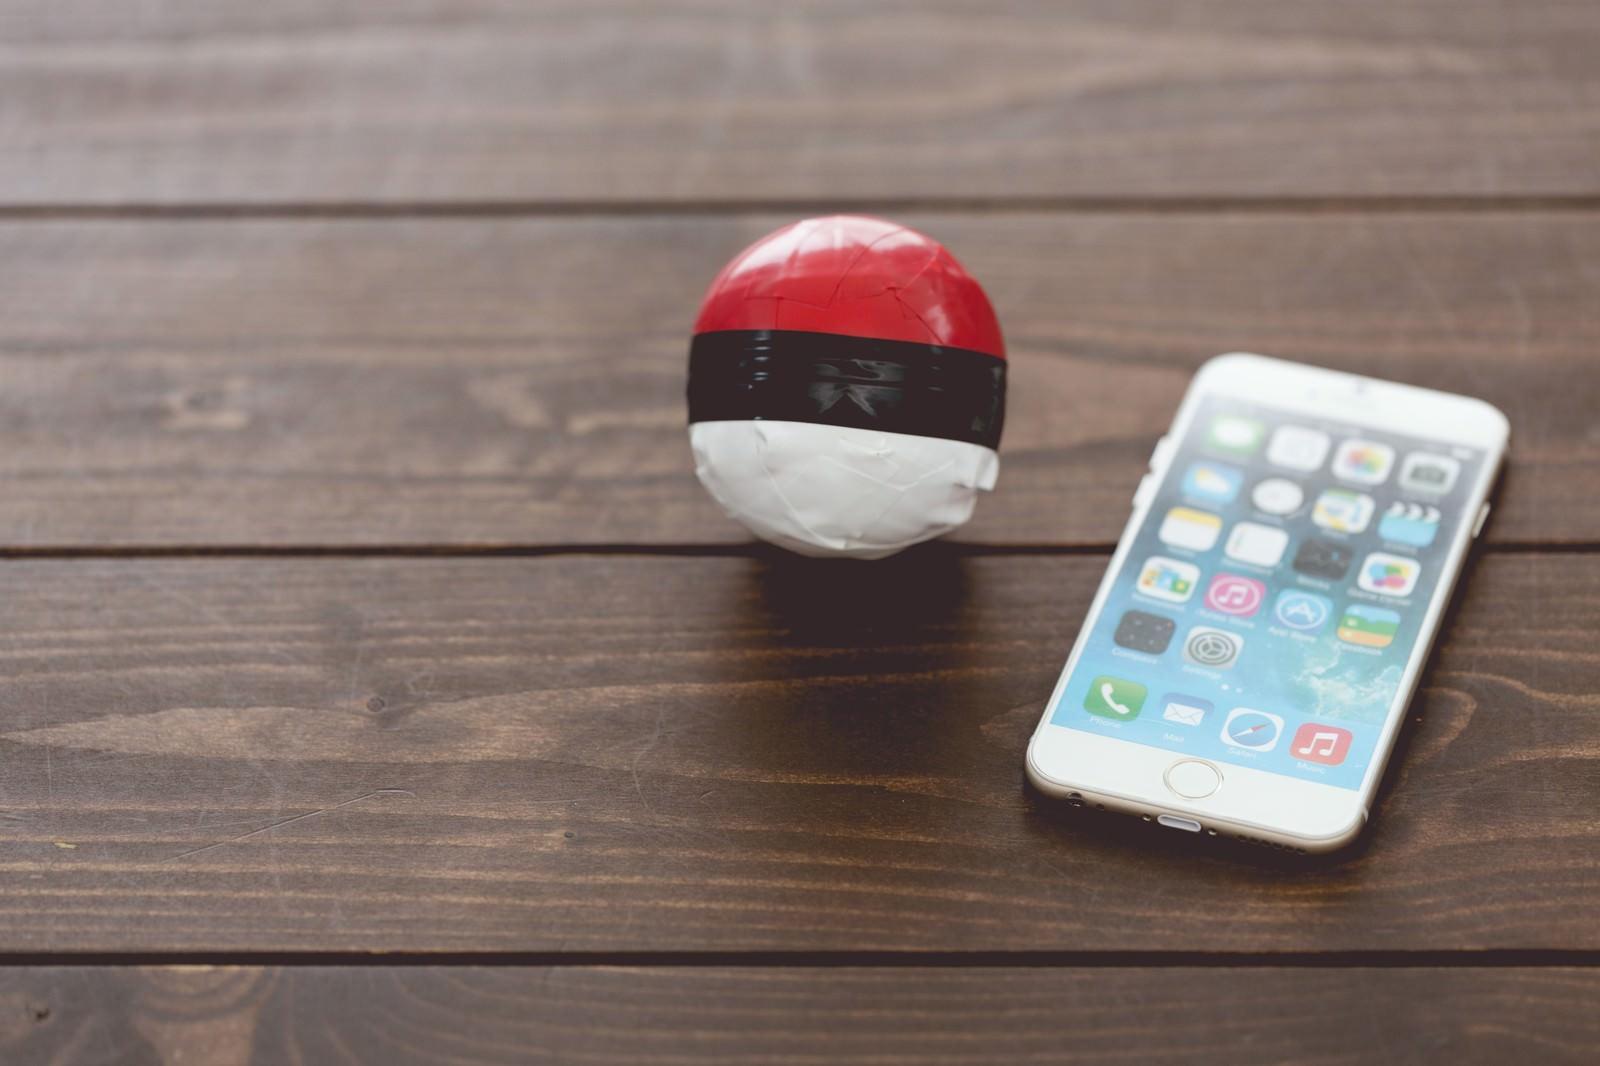 「テーブルに置かれた雑な紅白ボールとスマホ」の写真